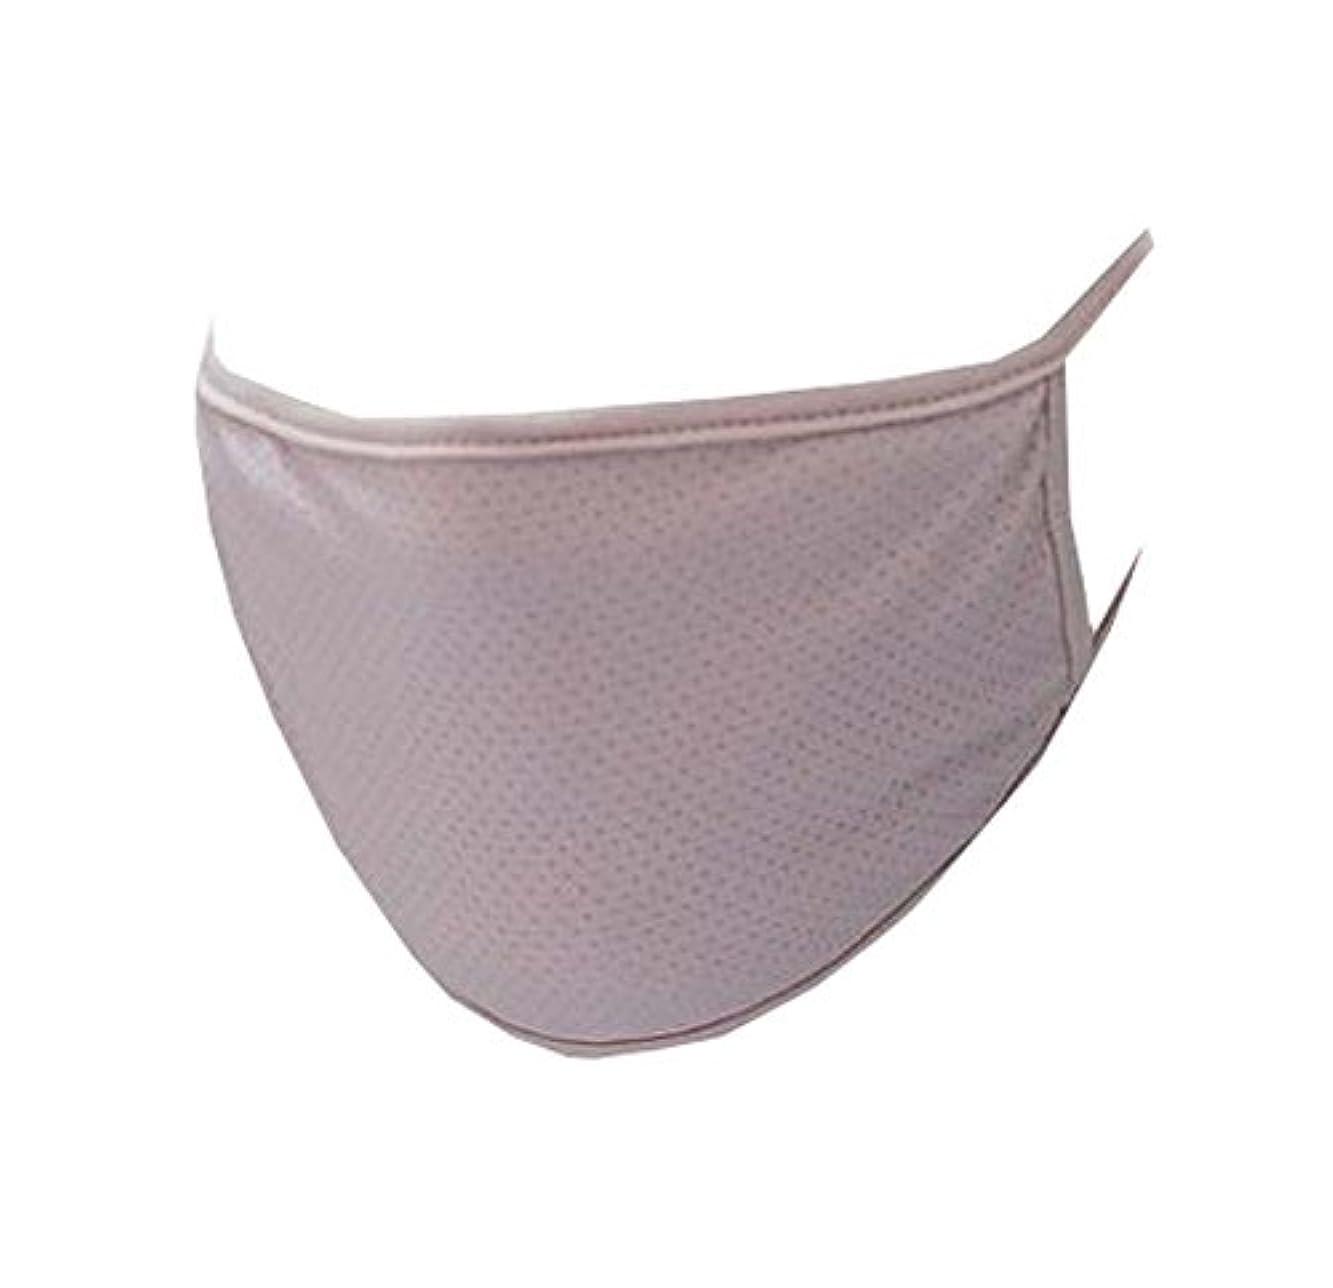 内向き委託結婚口マスク、再使用可能フィルター - 埃、花粉、アレルゲン、抗UV、およびインフルエンザ菌 - F